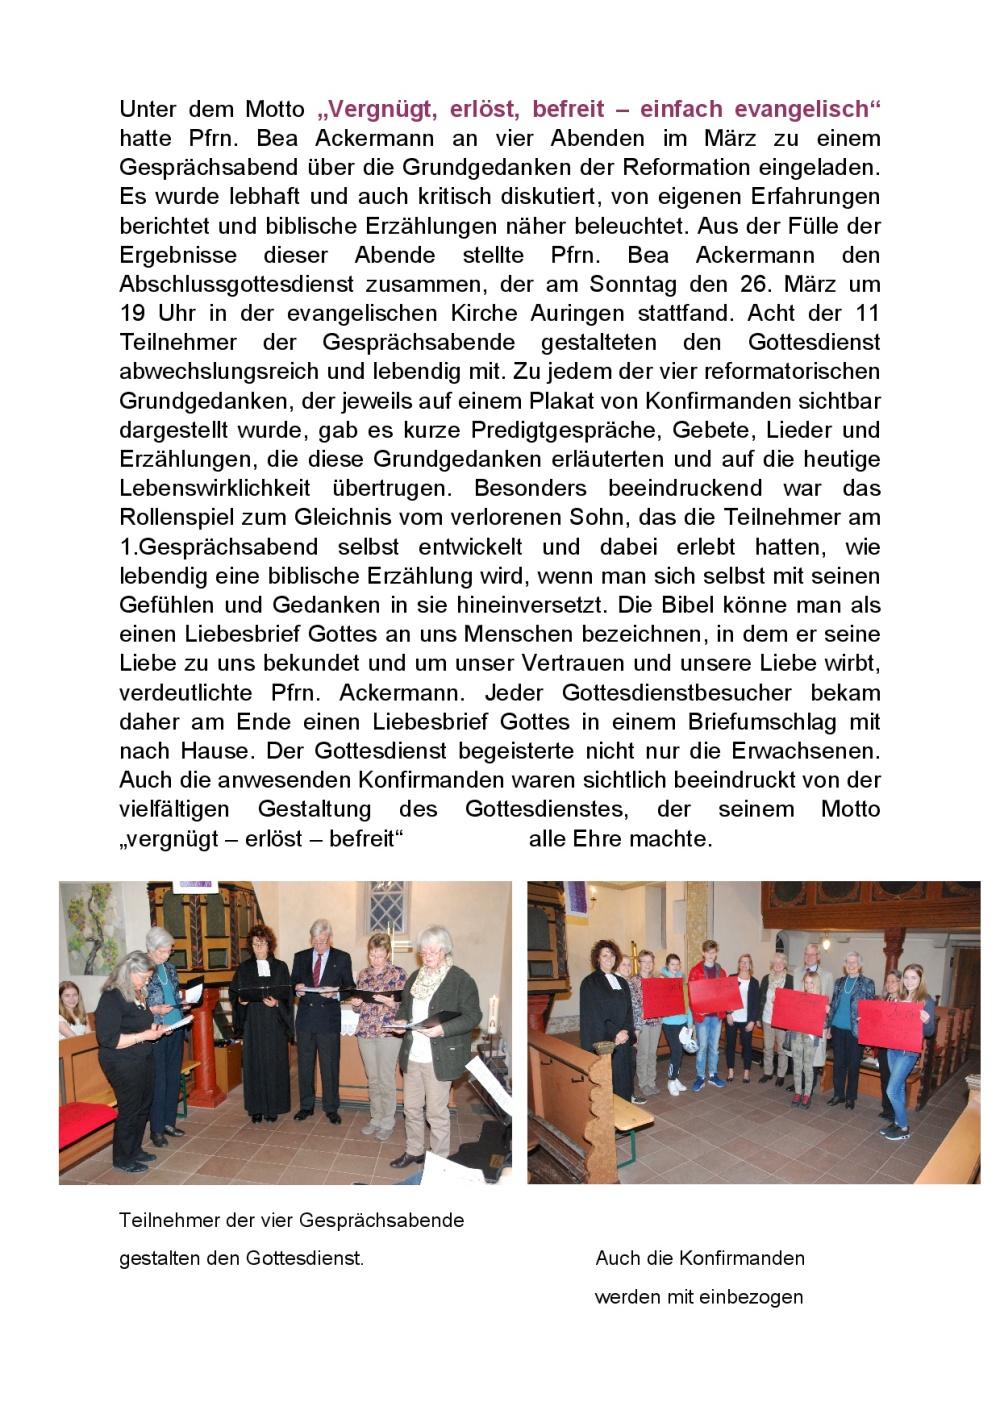 2017-03-26 Vergnügt erlöst befreit Abend-Godi-001